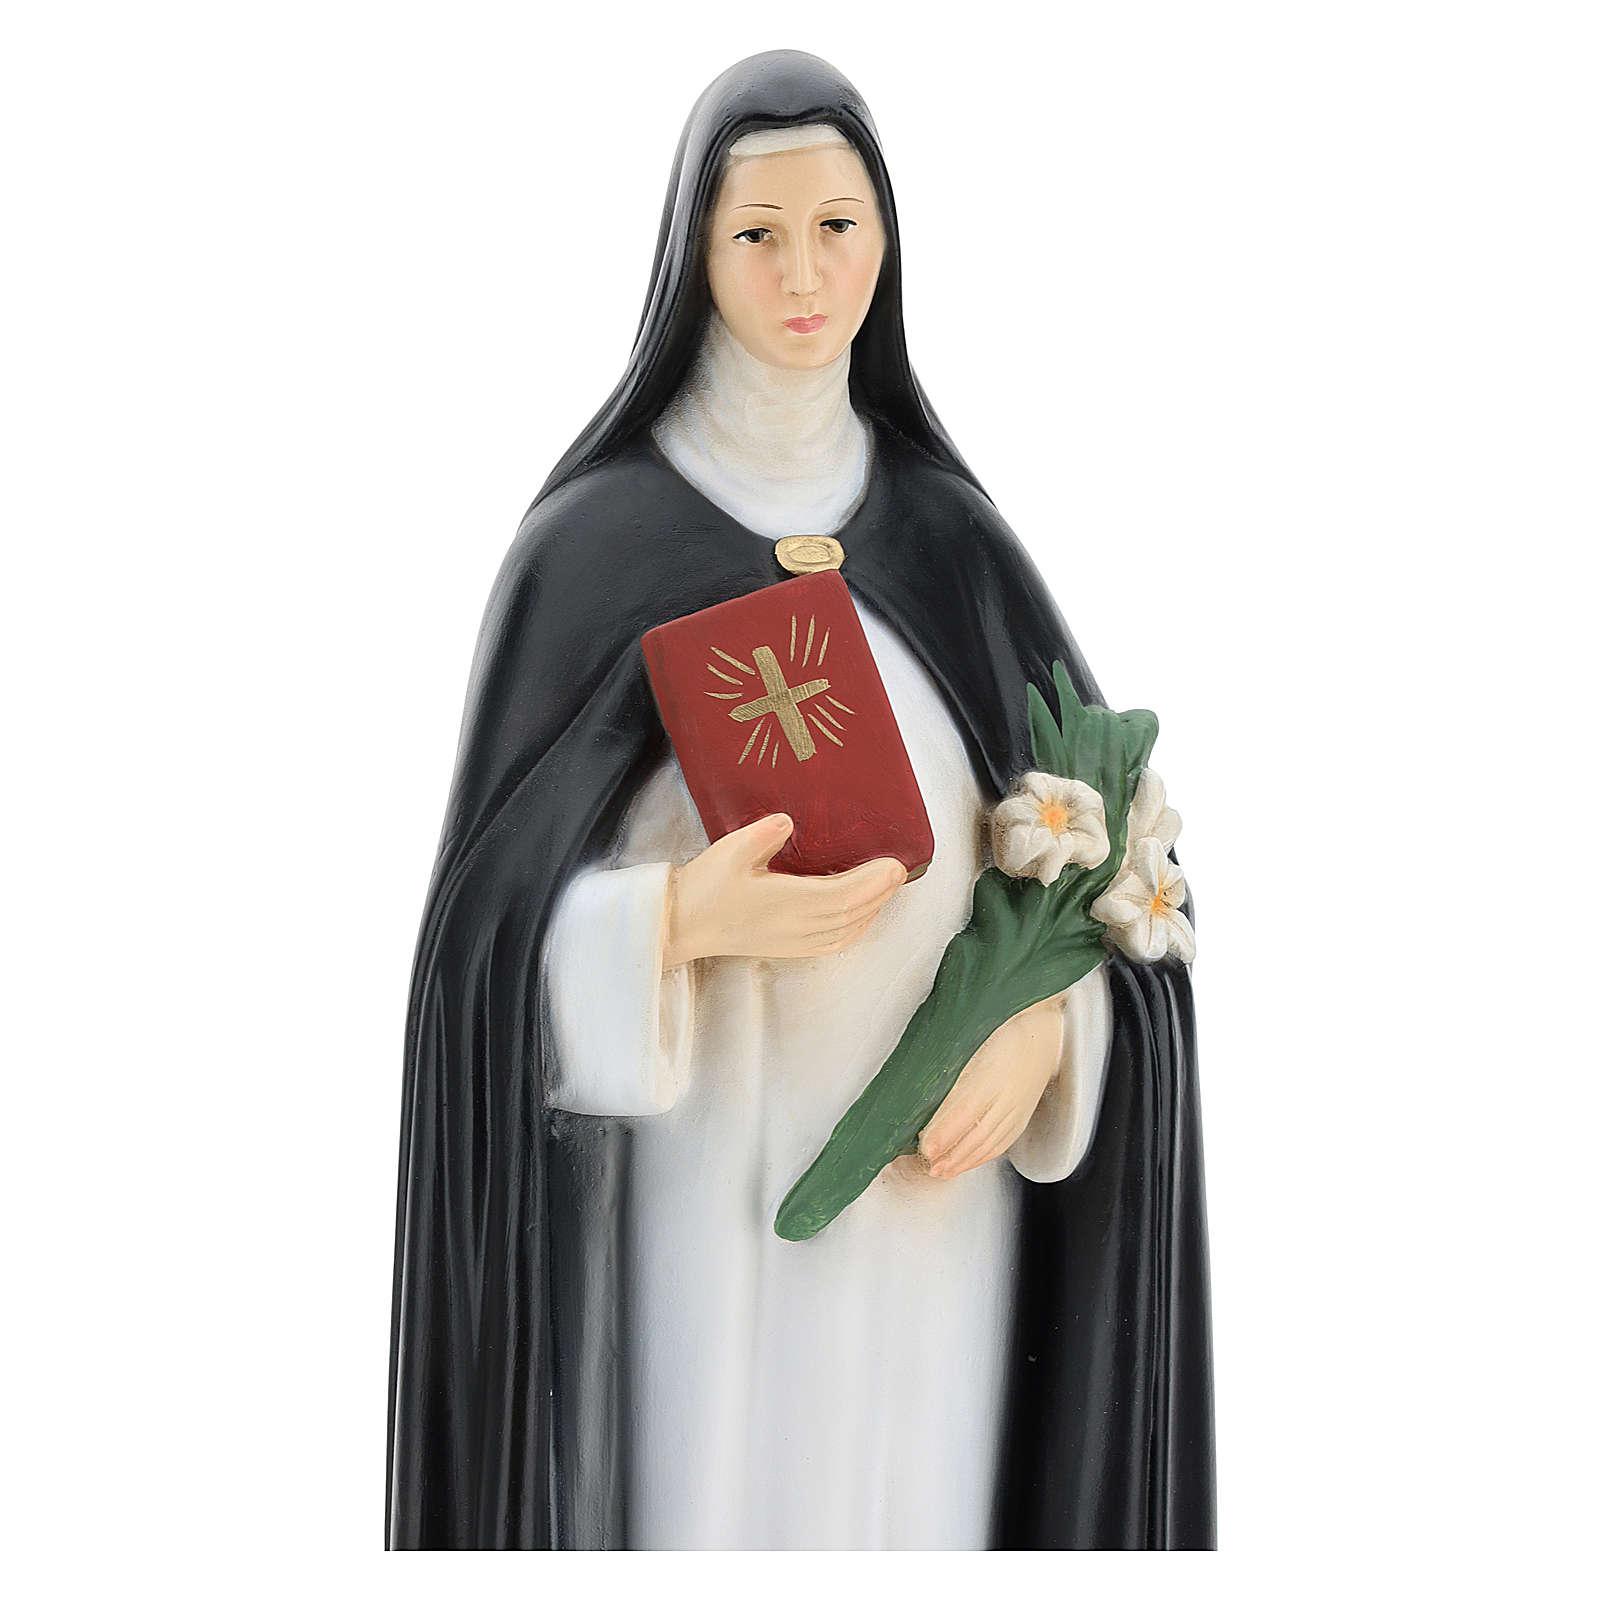 Statua Santa Caterina da Siena 40 cm resina mazzo di fiori e libro 4